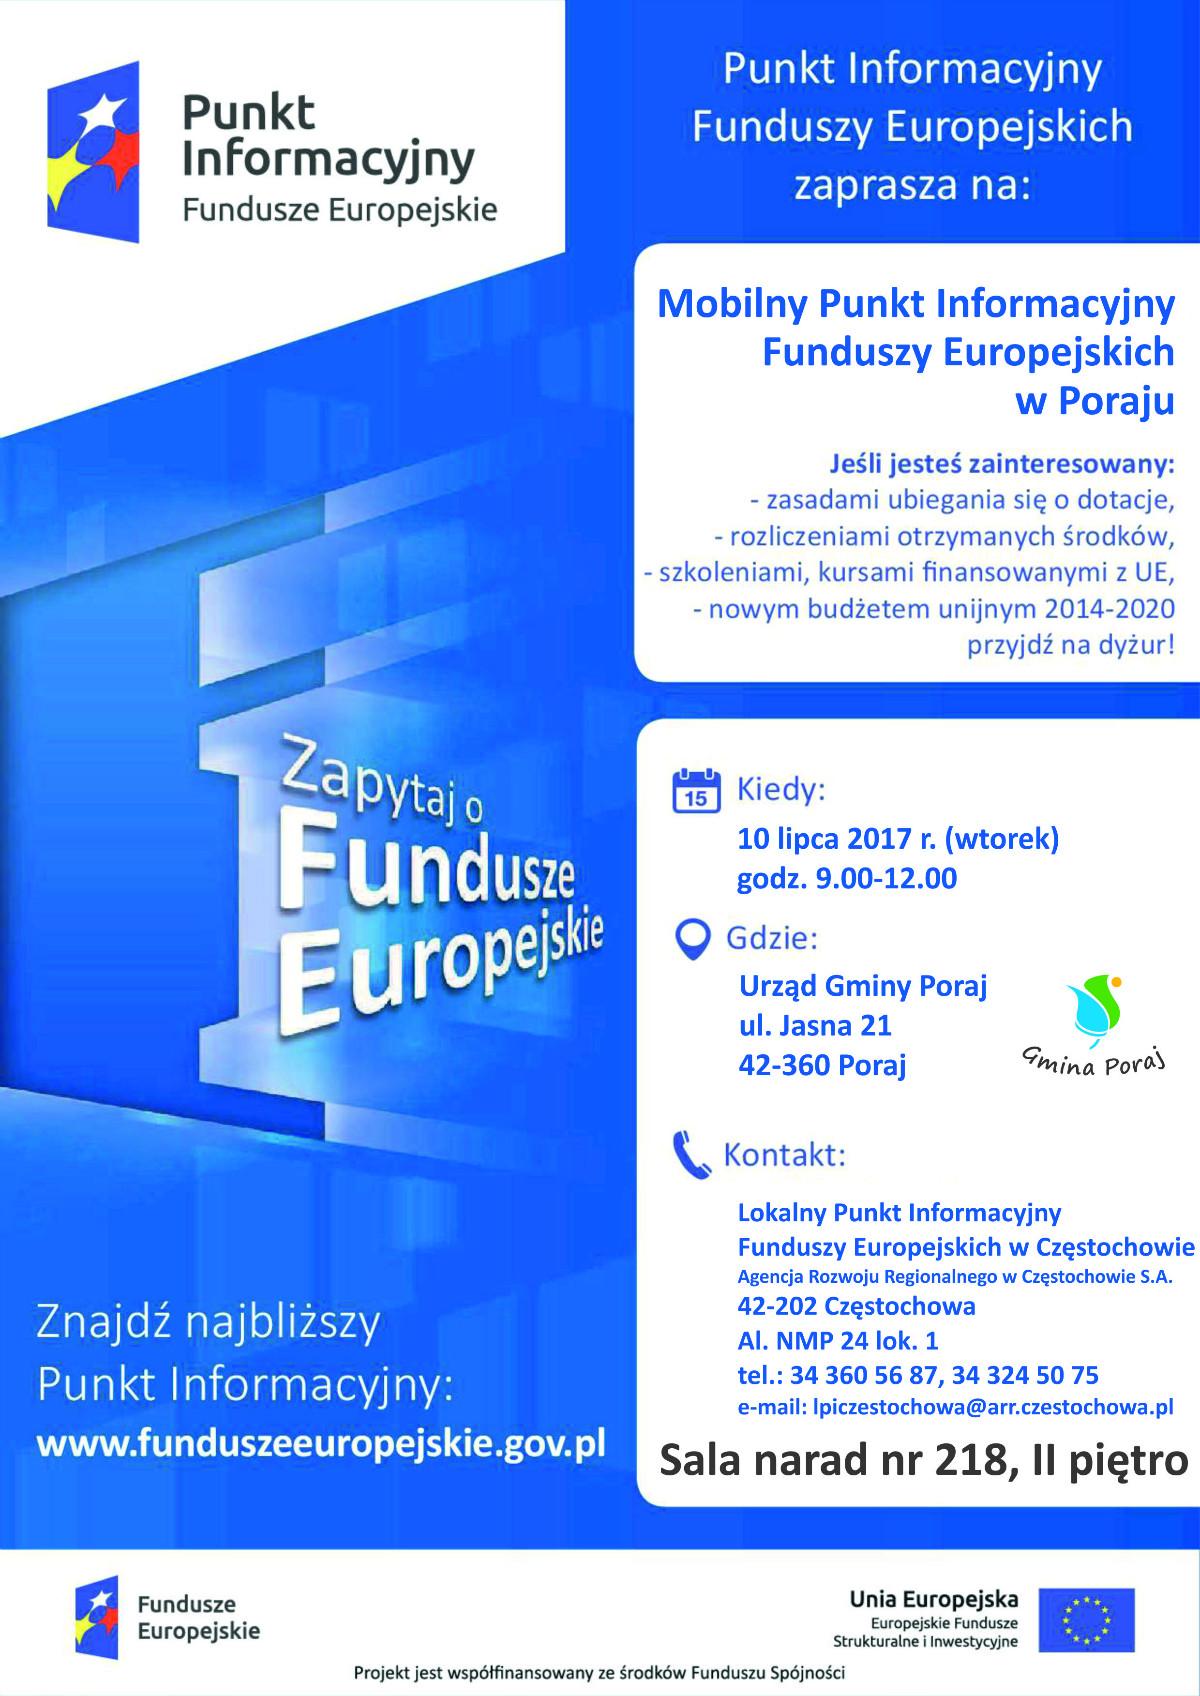 mobilny punkt informacyjny fundusze europejskie